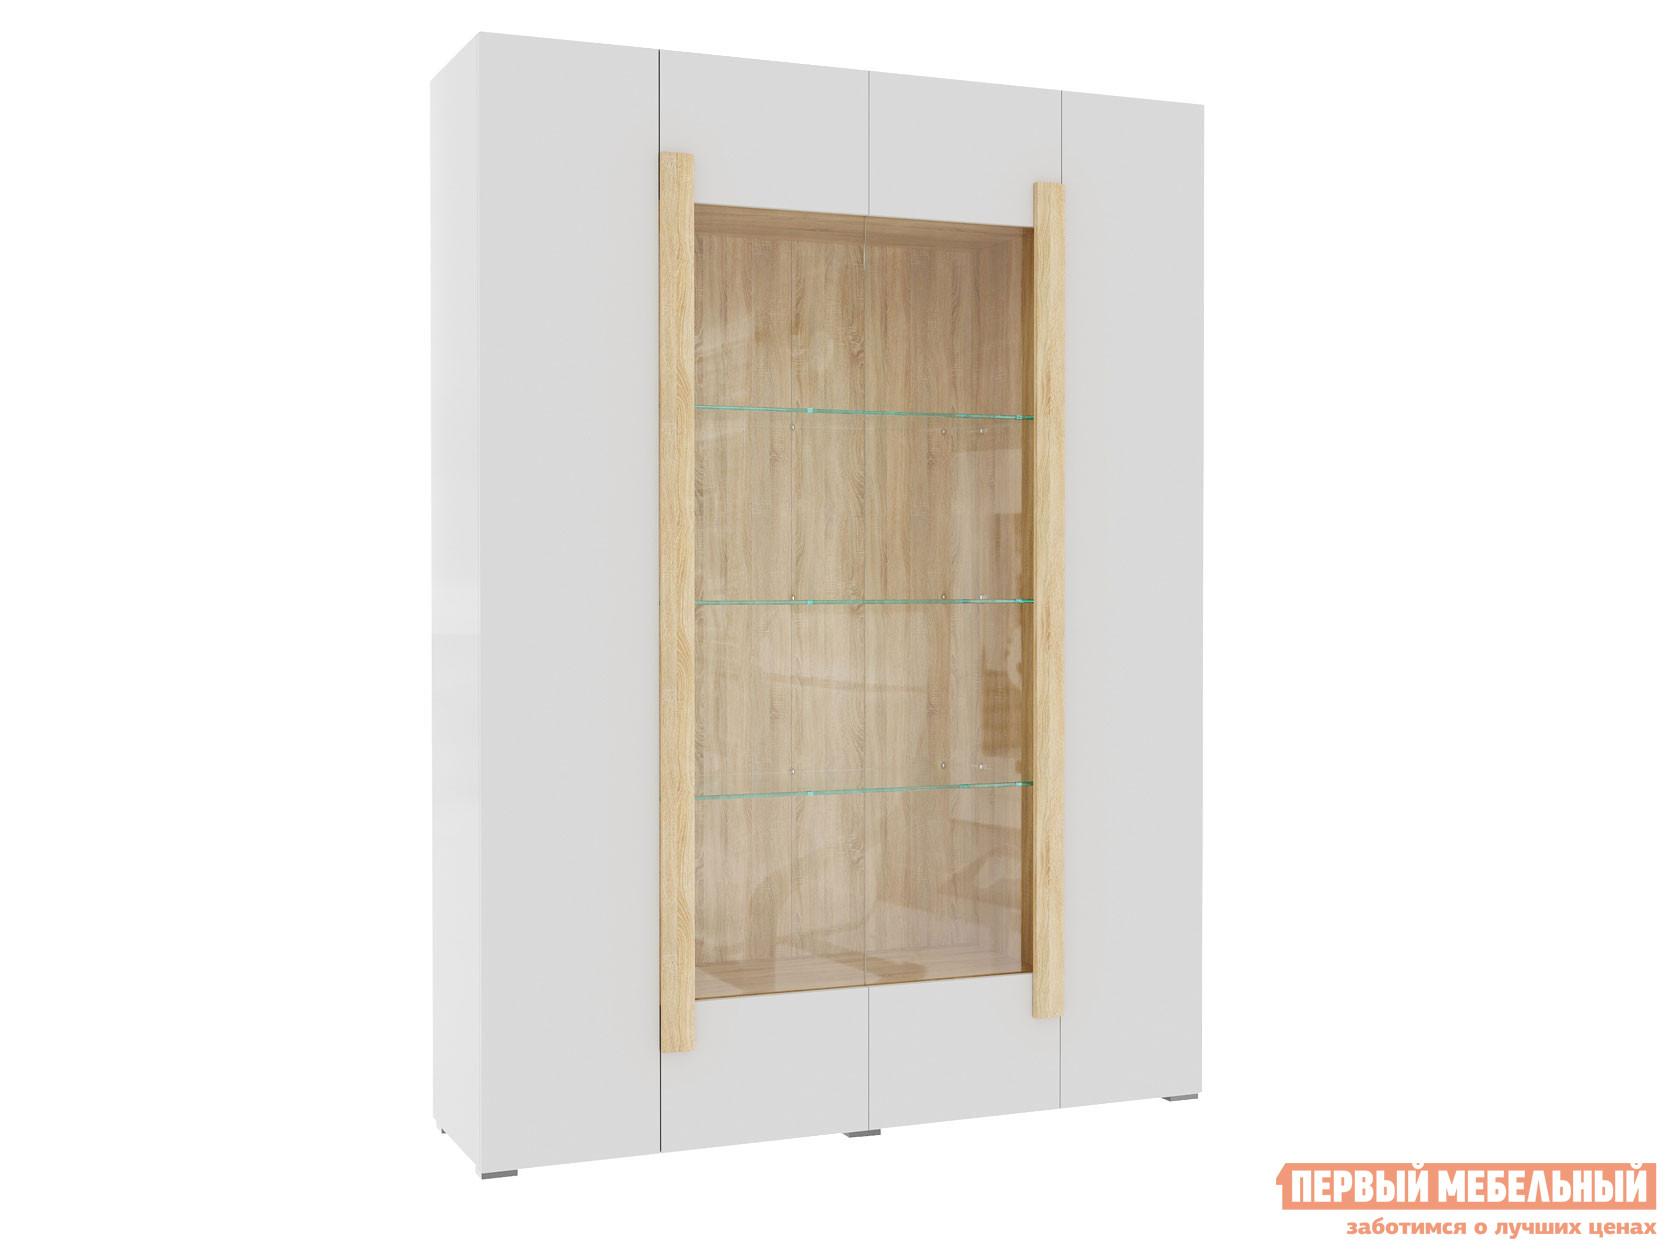 Фото - Шкаф-витрина Первый Мебельный Куба Витрина 4-х дверная 1715.М3 витрина шкаф витрина 4 х дверная куба куба